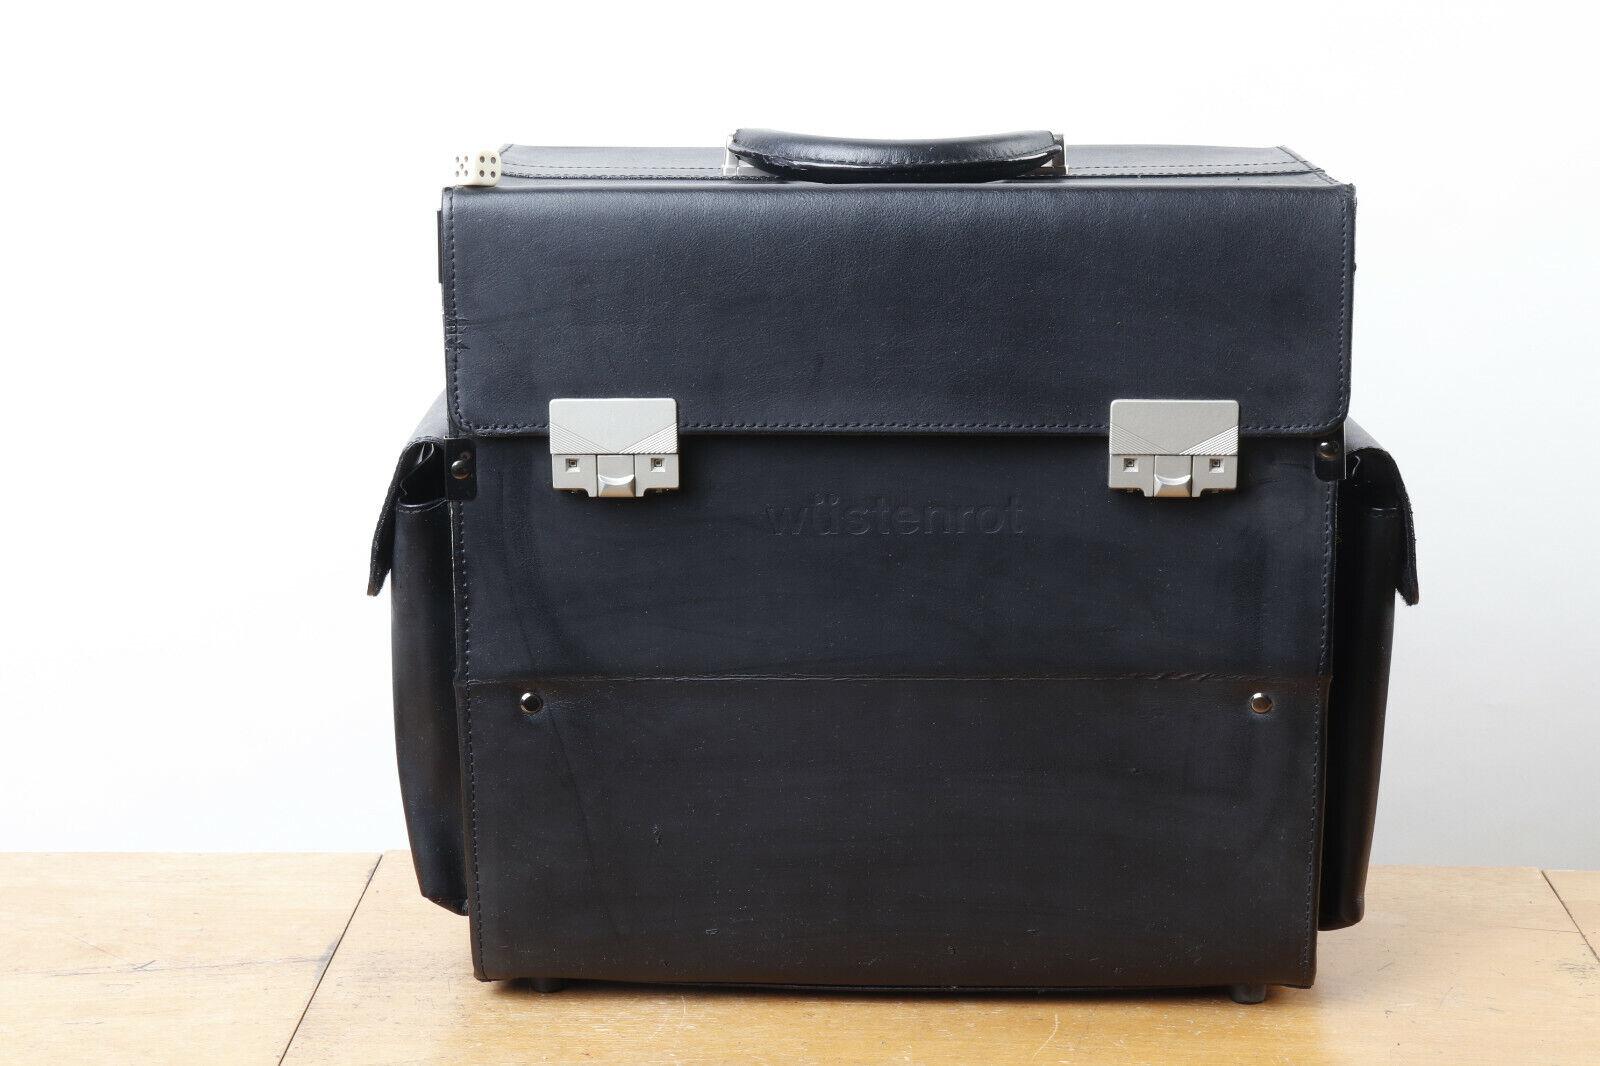 Pilotenkoffer, Leder, für Laptop, Ordner u. v. mehr,  Wüstenrot , ca.37x37x19cm | ein guter Ruf in der Welt  | Viele Stile  | Ausgewählte Materialien